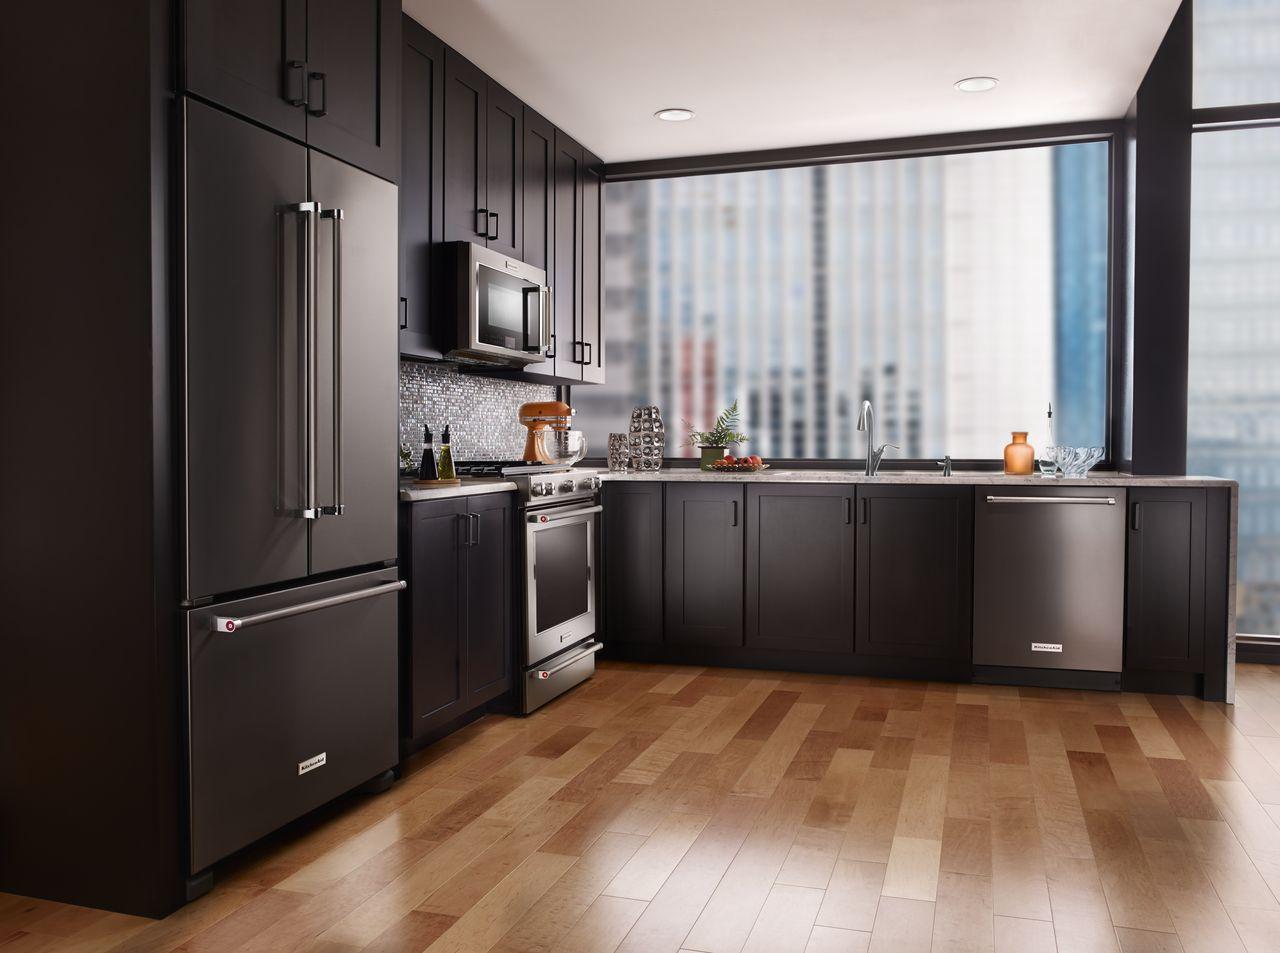 Kitchen Aid Refrigerator Kitchen Appliance Color Trends 2016 – Loretta J. Willis ...